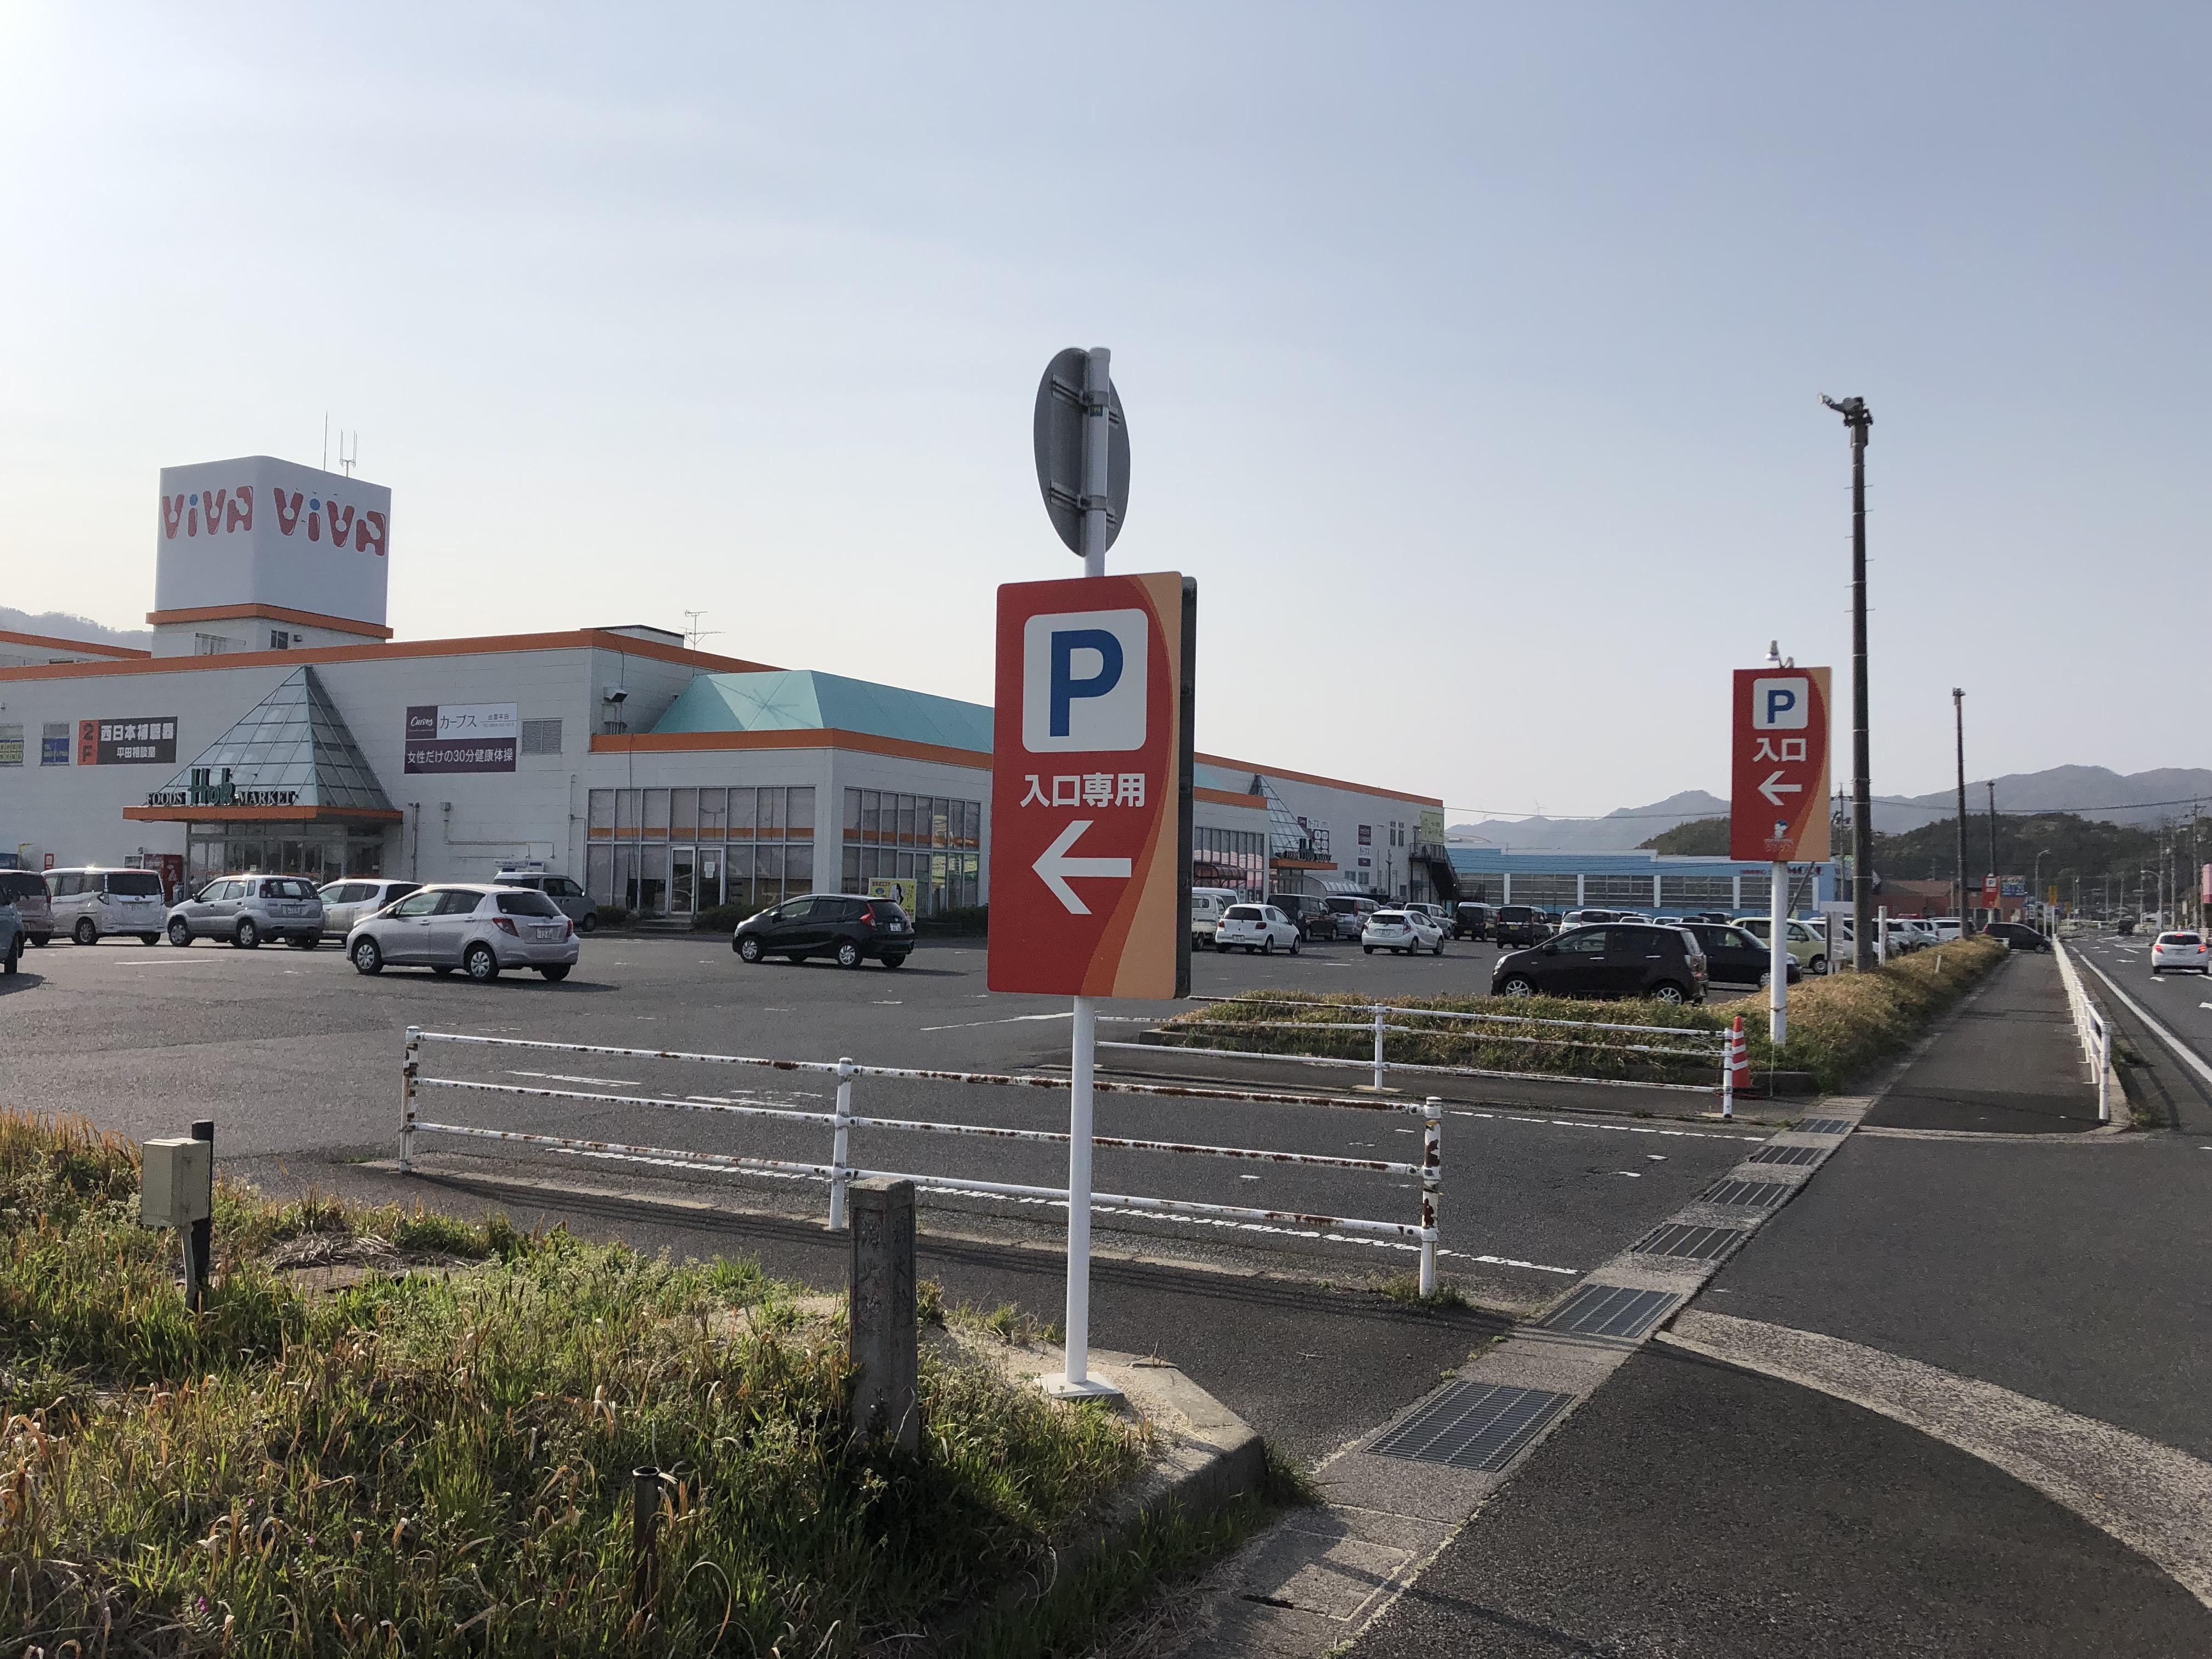 平田ショッピングセンターViVA入口専用となります。営業時間外はロープを張っていますが、外して入ってください。ロープは基に戻すのをお忘れなく。